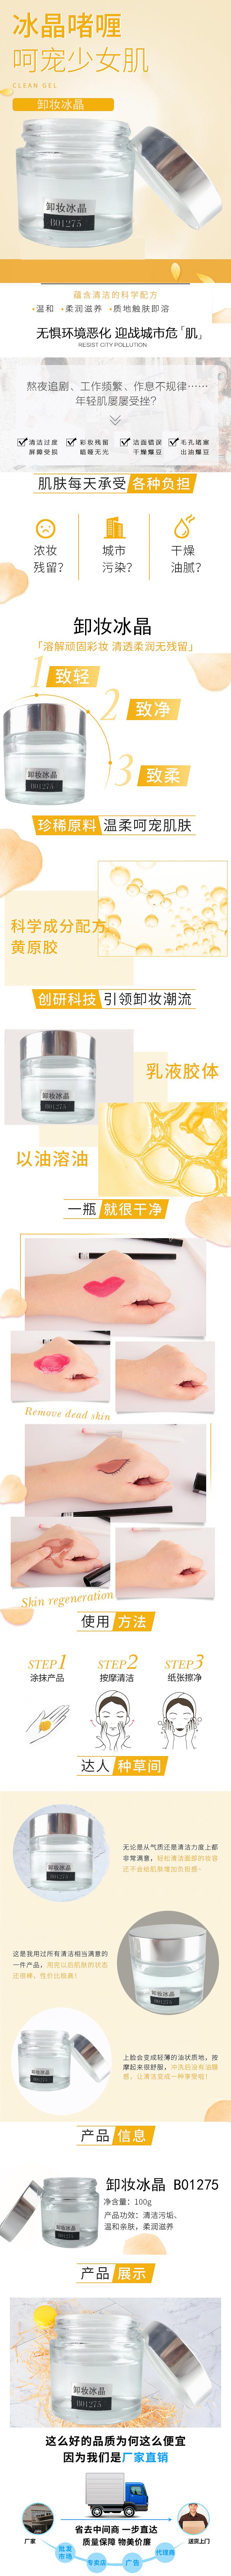 卸妆冰晶-欧泉生化